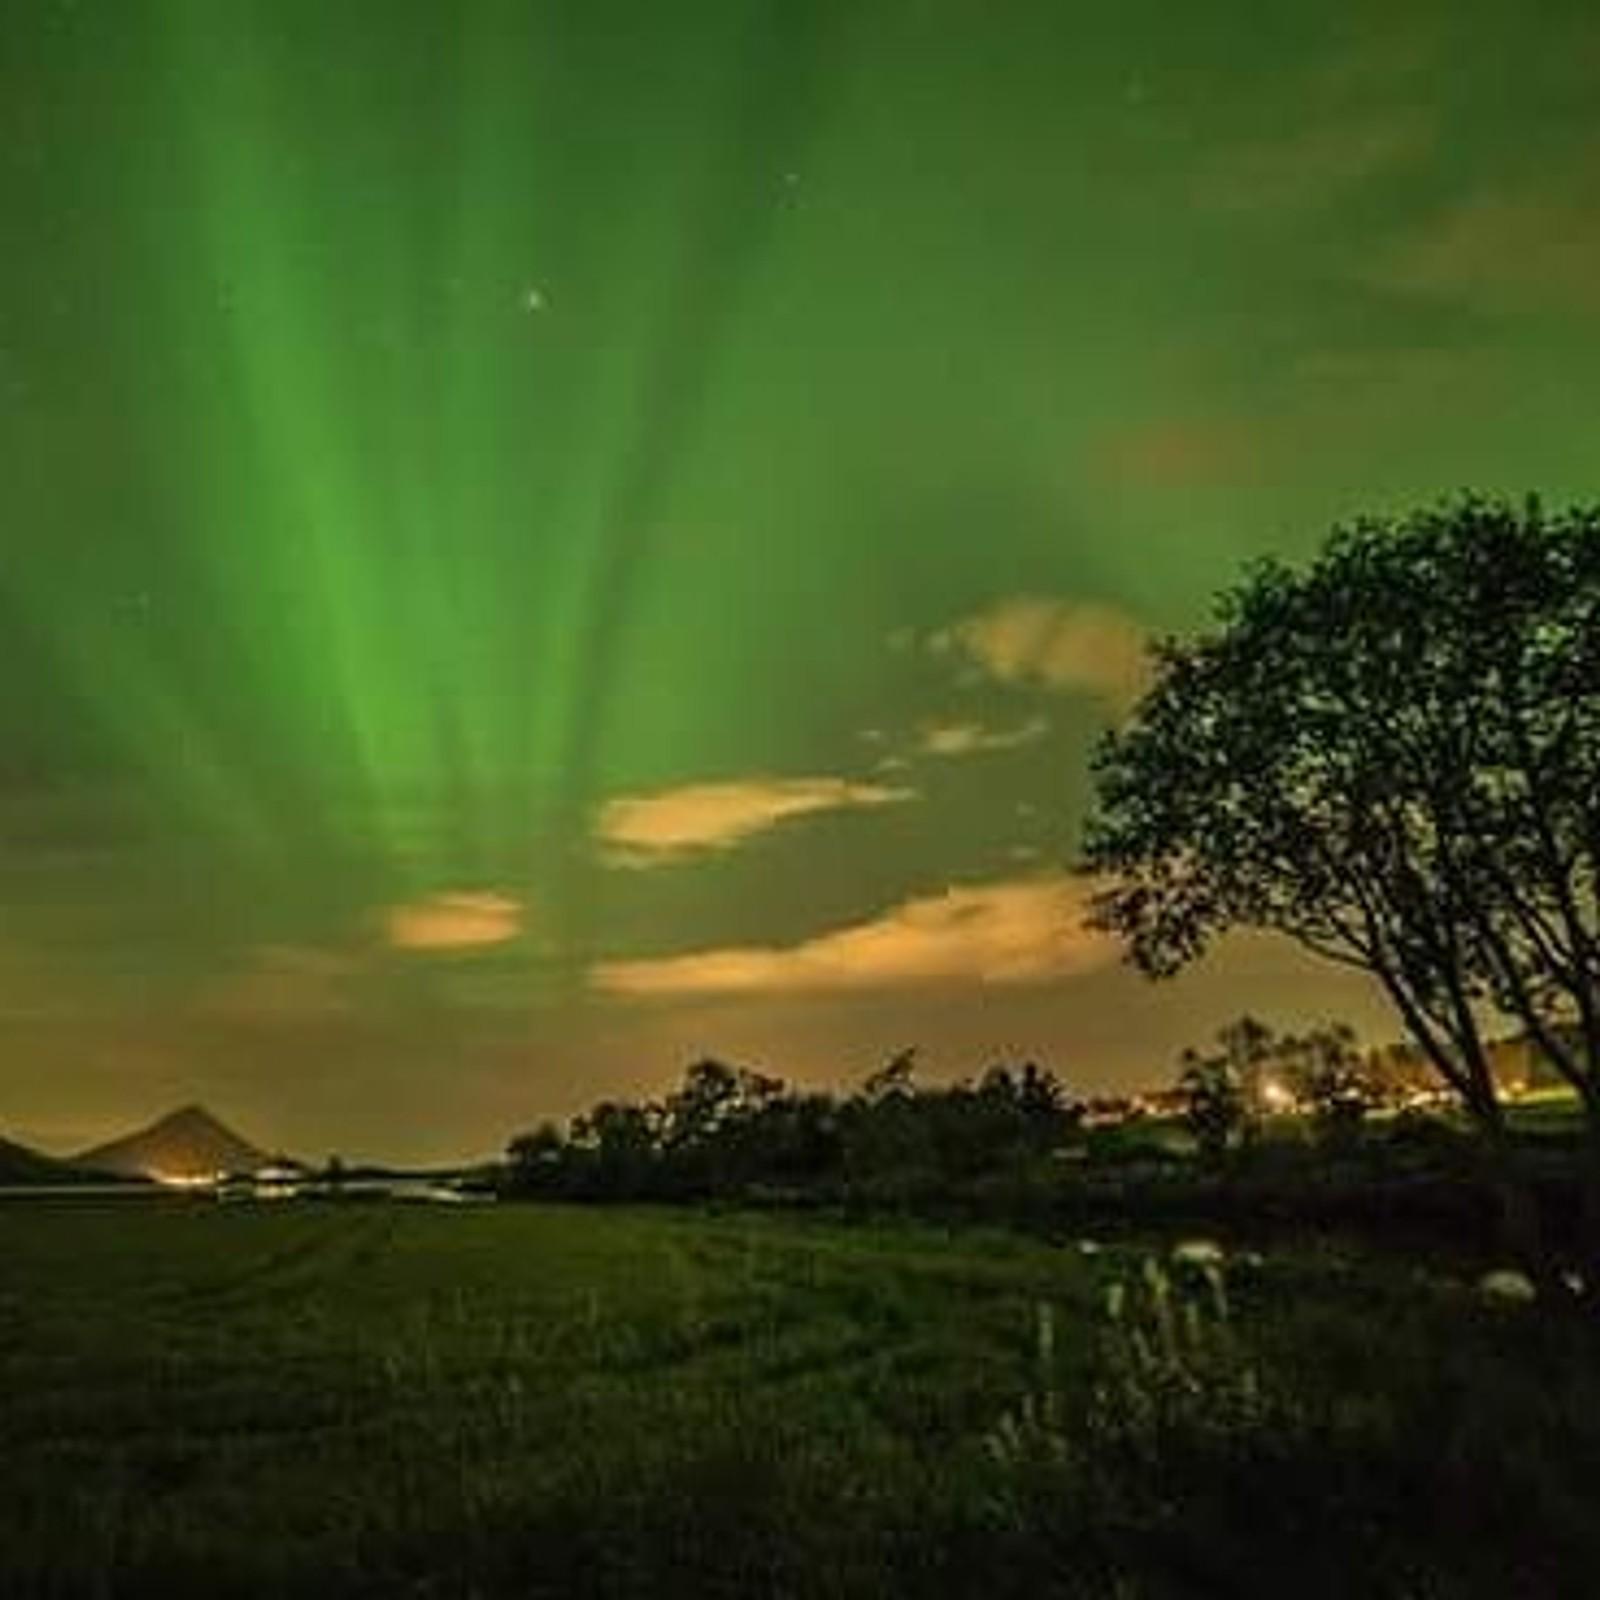 bervoleid#jendemsfjellet i #nordlys onsdag 27. september #auroraborealis #rbnett #nrkmogr #tv2#yrbilder #auroraborealblog